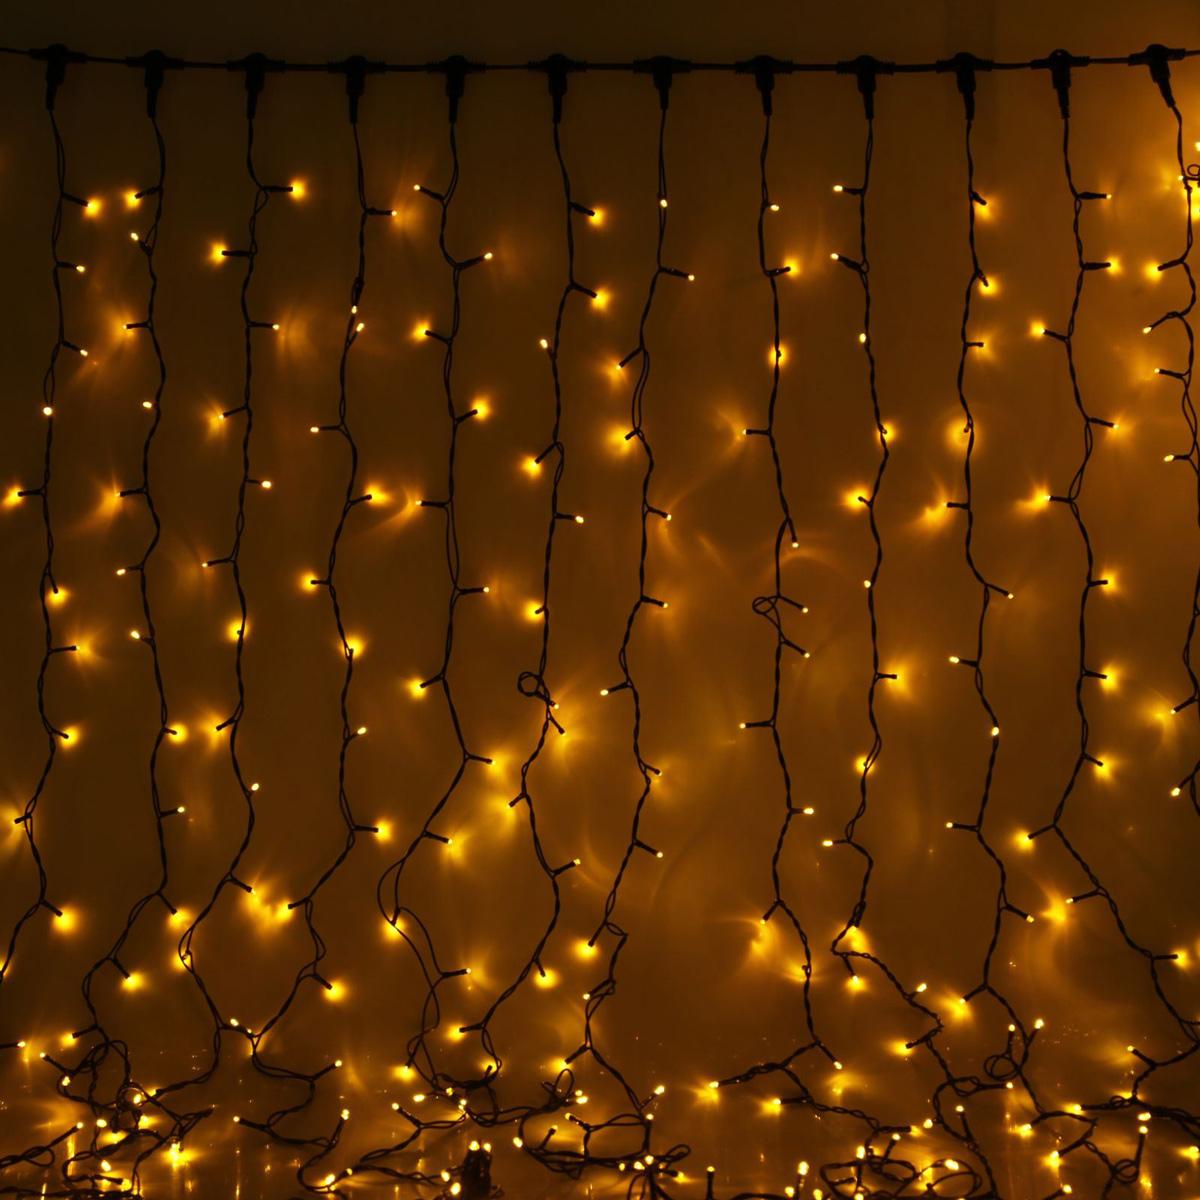 Гирлянда светодиодная Luazon Занавес, цвет: желтый, уличная, 1440 ламп, 220 V, 2 х 6 м. 10802831080283Светодиодные гирлянды и ленты — это отличный вариант для новогоднего оформления интерьера или фасада. С их помощью помещение любого размера можно превратить в праздничный зал, а внешние элементы зданий, украшенные ими, мгновенно станут напоминать очертания сказочного дворца. Такие украшения создают ауру предвкушения чуда. Деревья, фасады, витрины, окна и арки будто специально созданы, чтобы вы украсили их светящимися нитями.